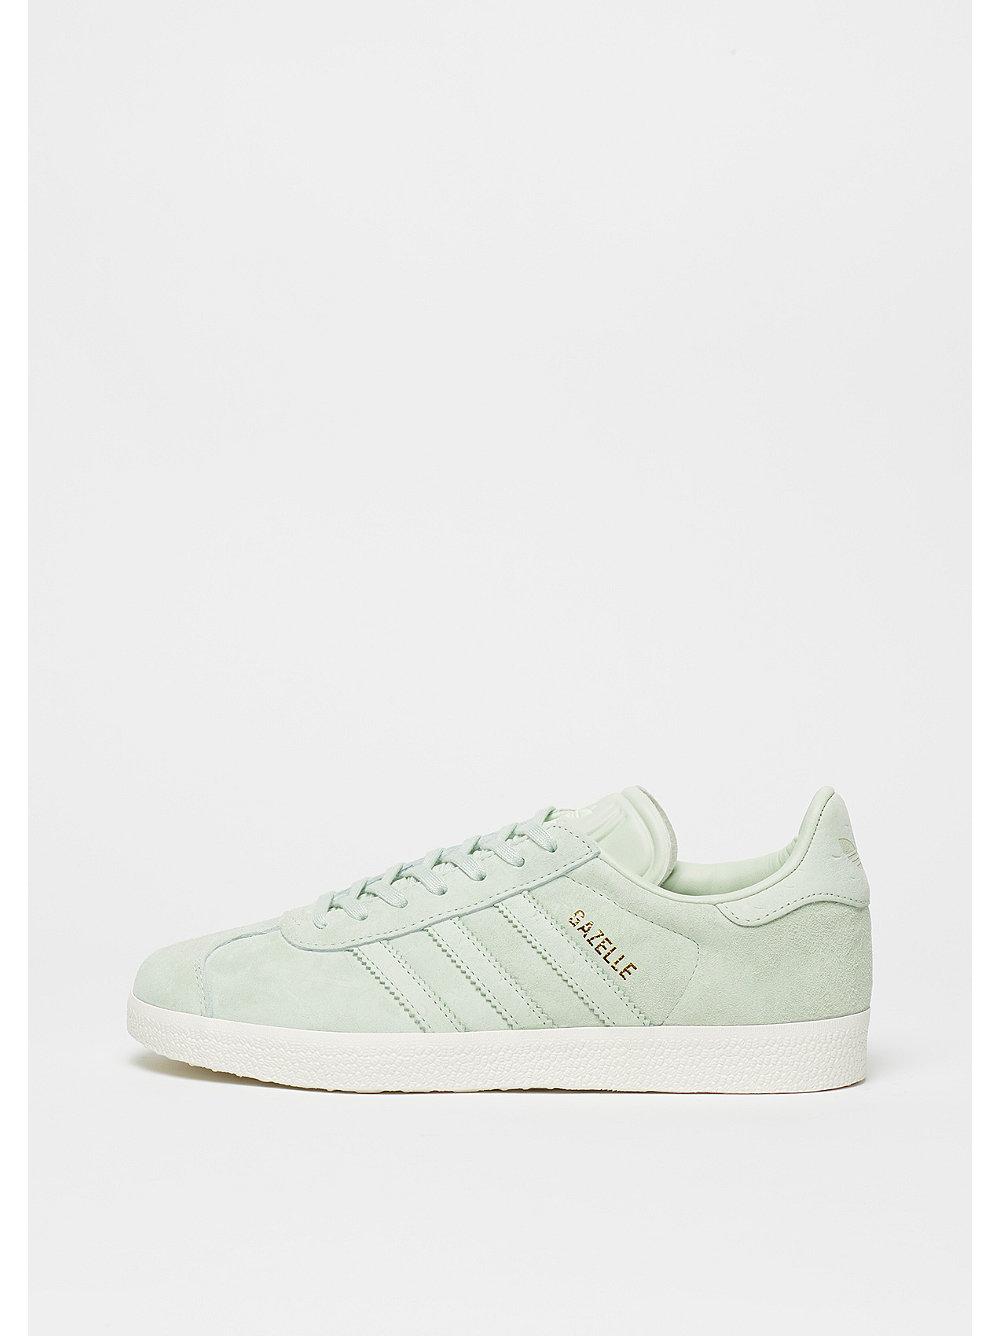 adidas Gazelle linen green-linen green-off white